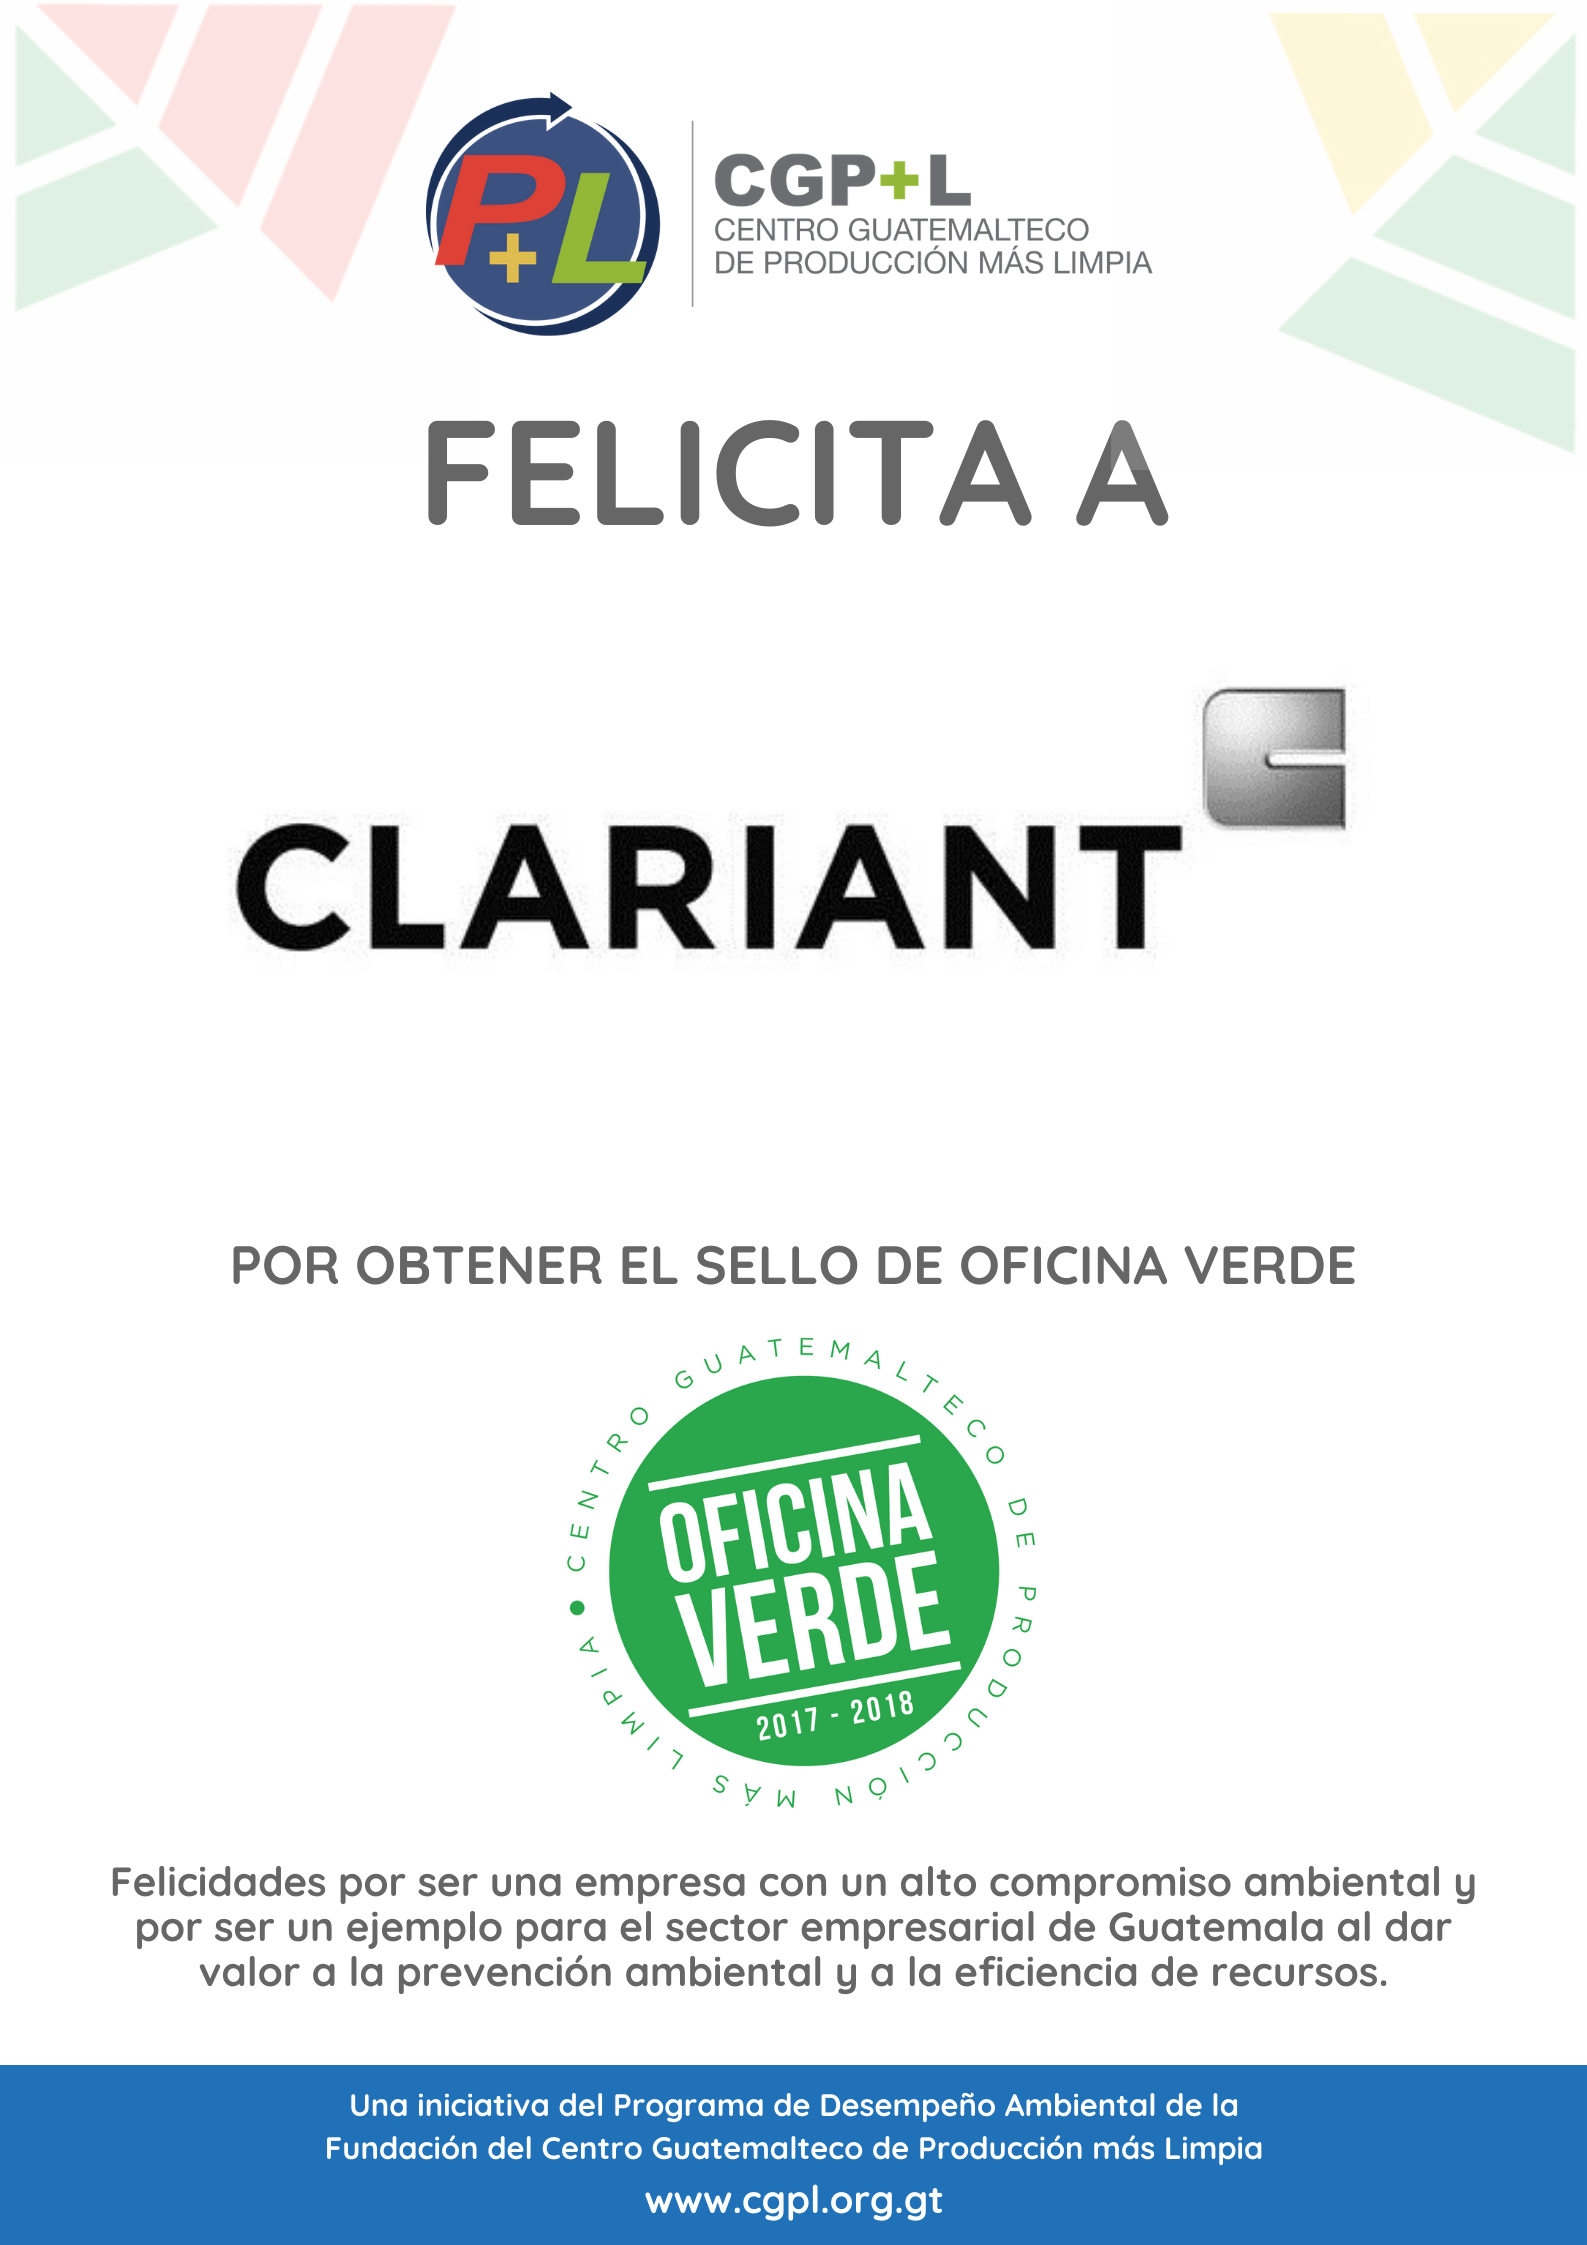 Clariant Obtiene El Sello De Oficina Verde, Cuarta Re Verificación